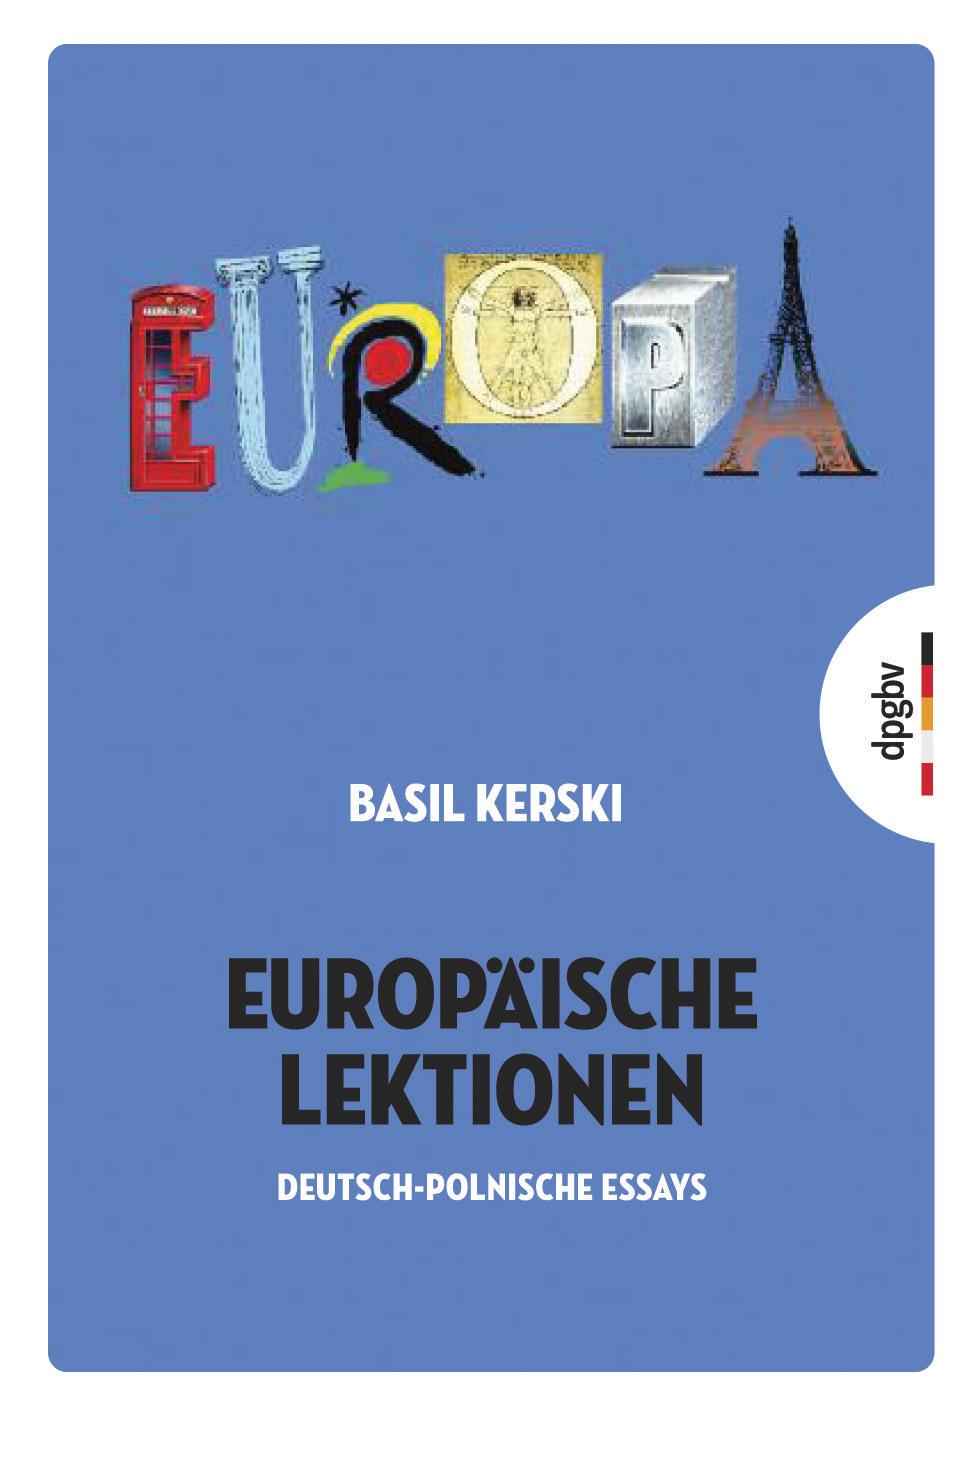 Cover-Europaeische-Lektionen